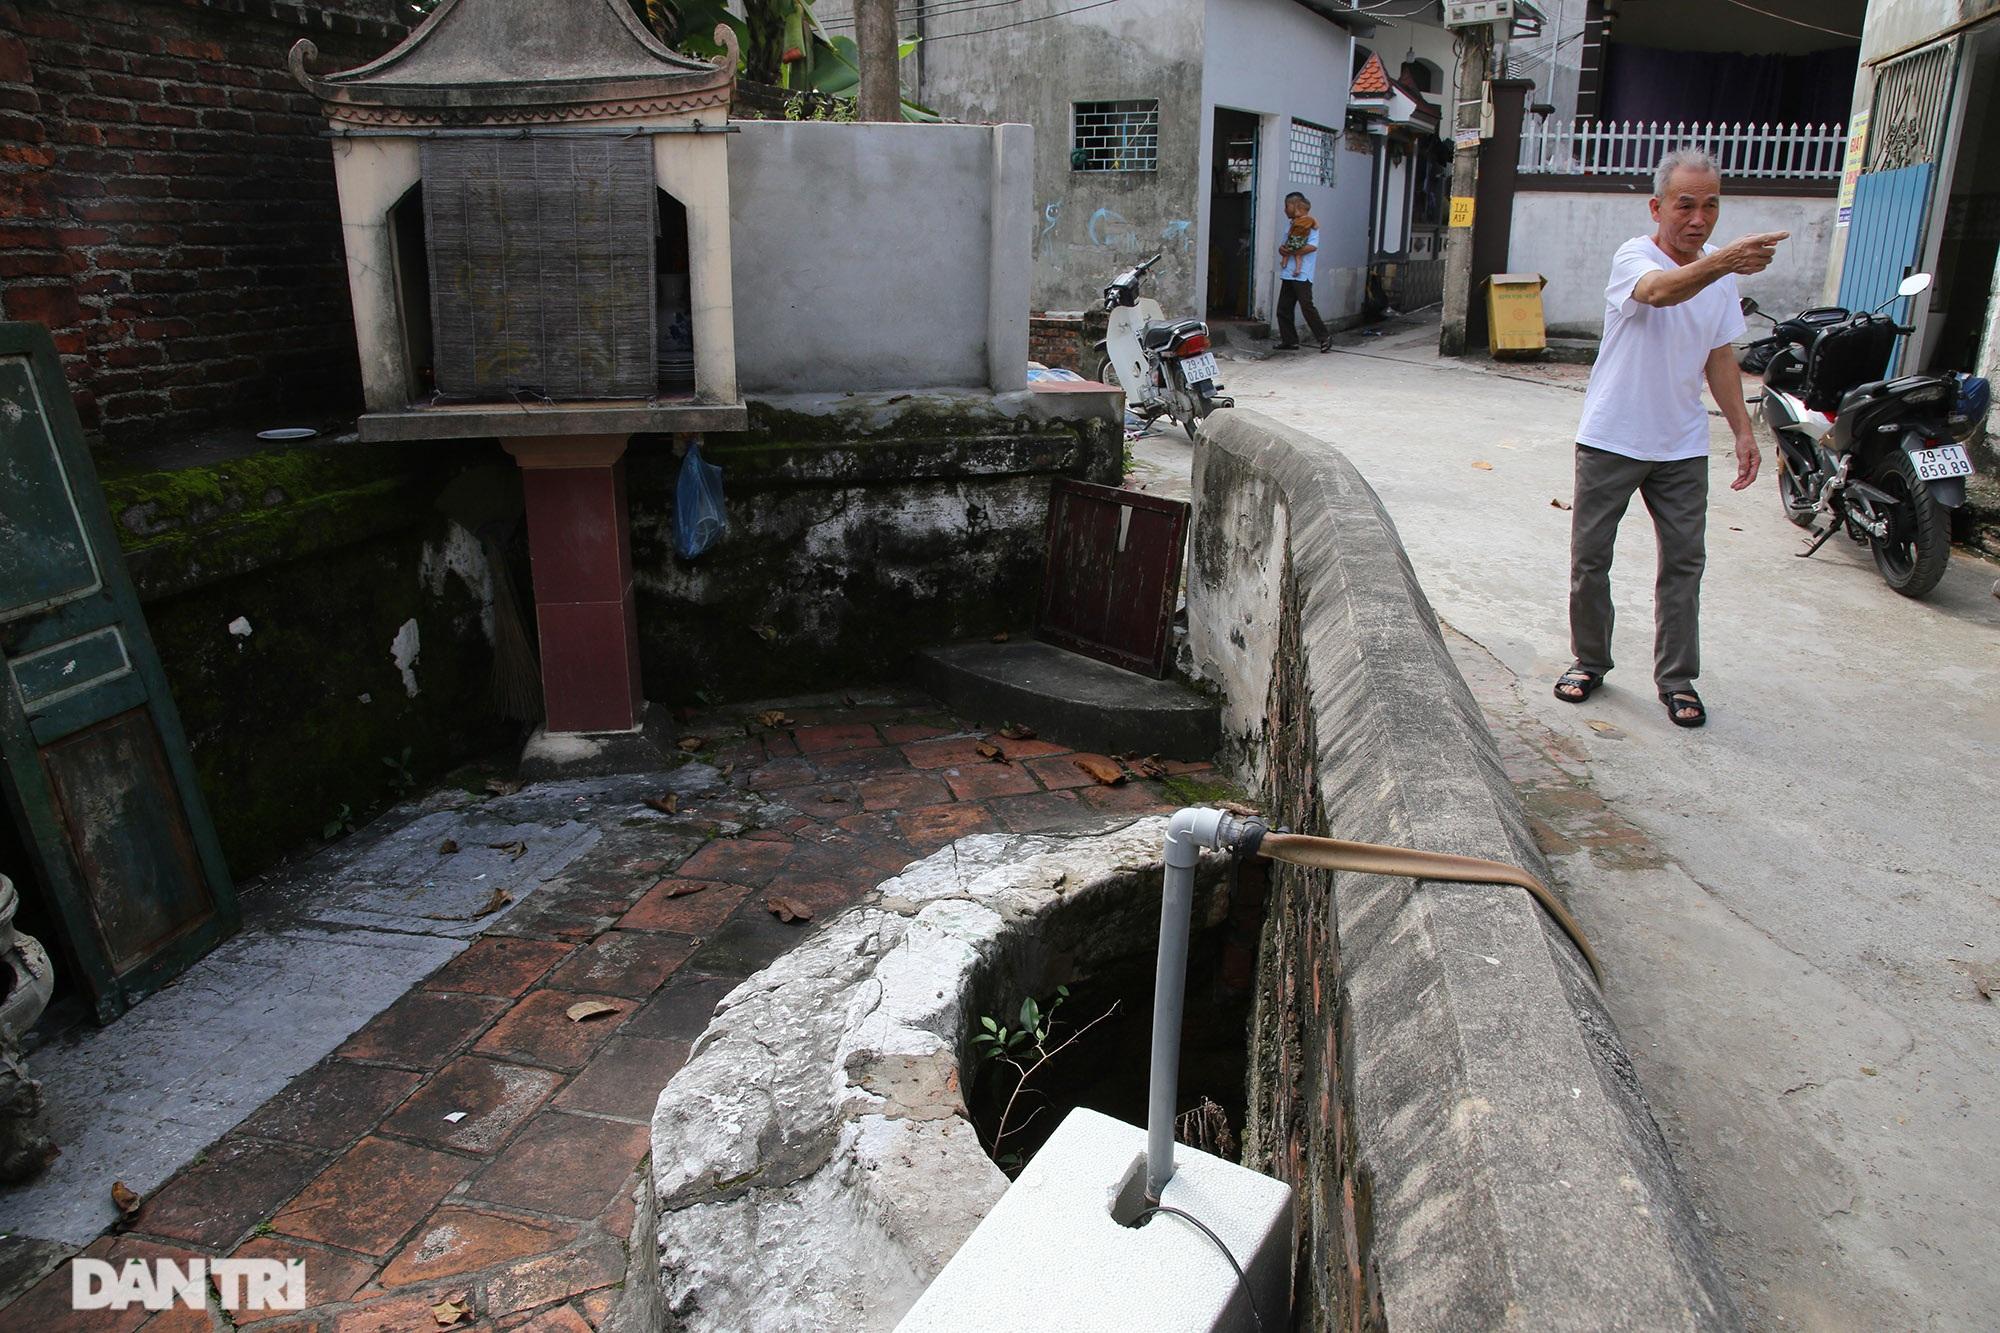 Bí ẩn 99 giếng cổ thiên tạo trong một làng ở Hà Nội - 8